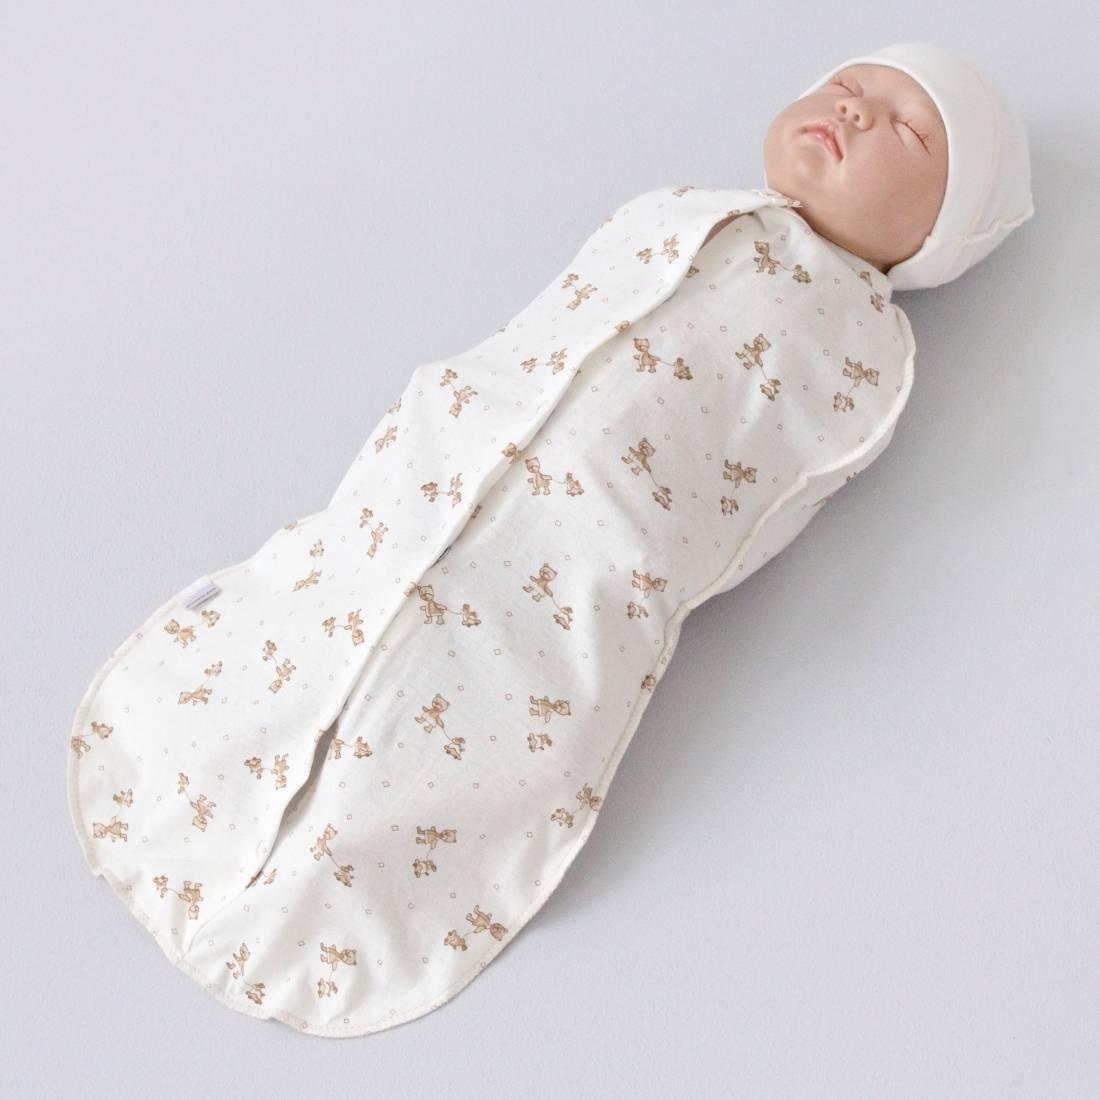 Пеленка-кокон для новорожденных на липучках и молнии: как сшить своими руками?